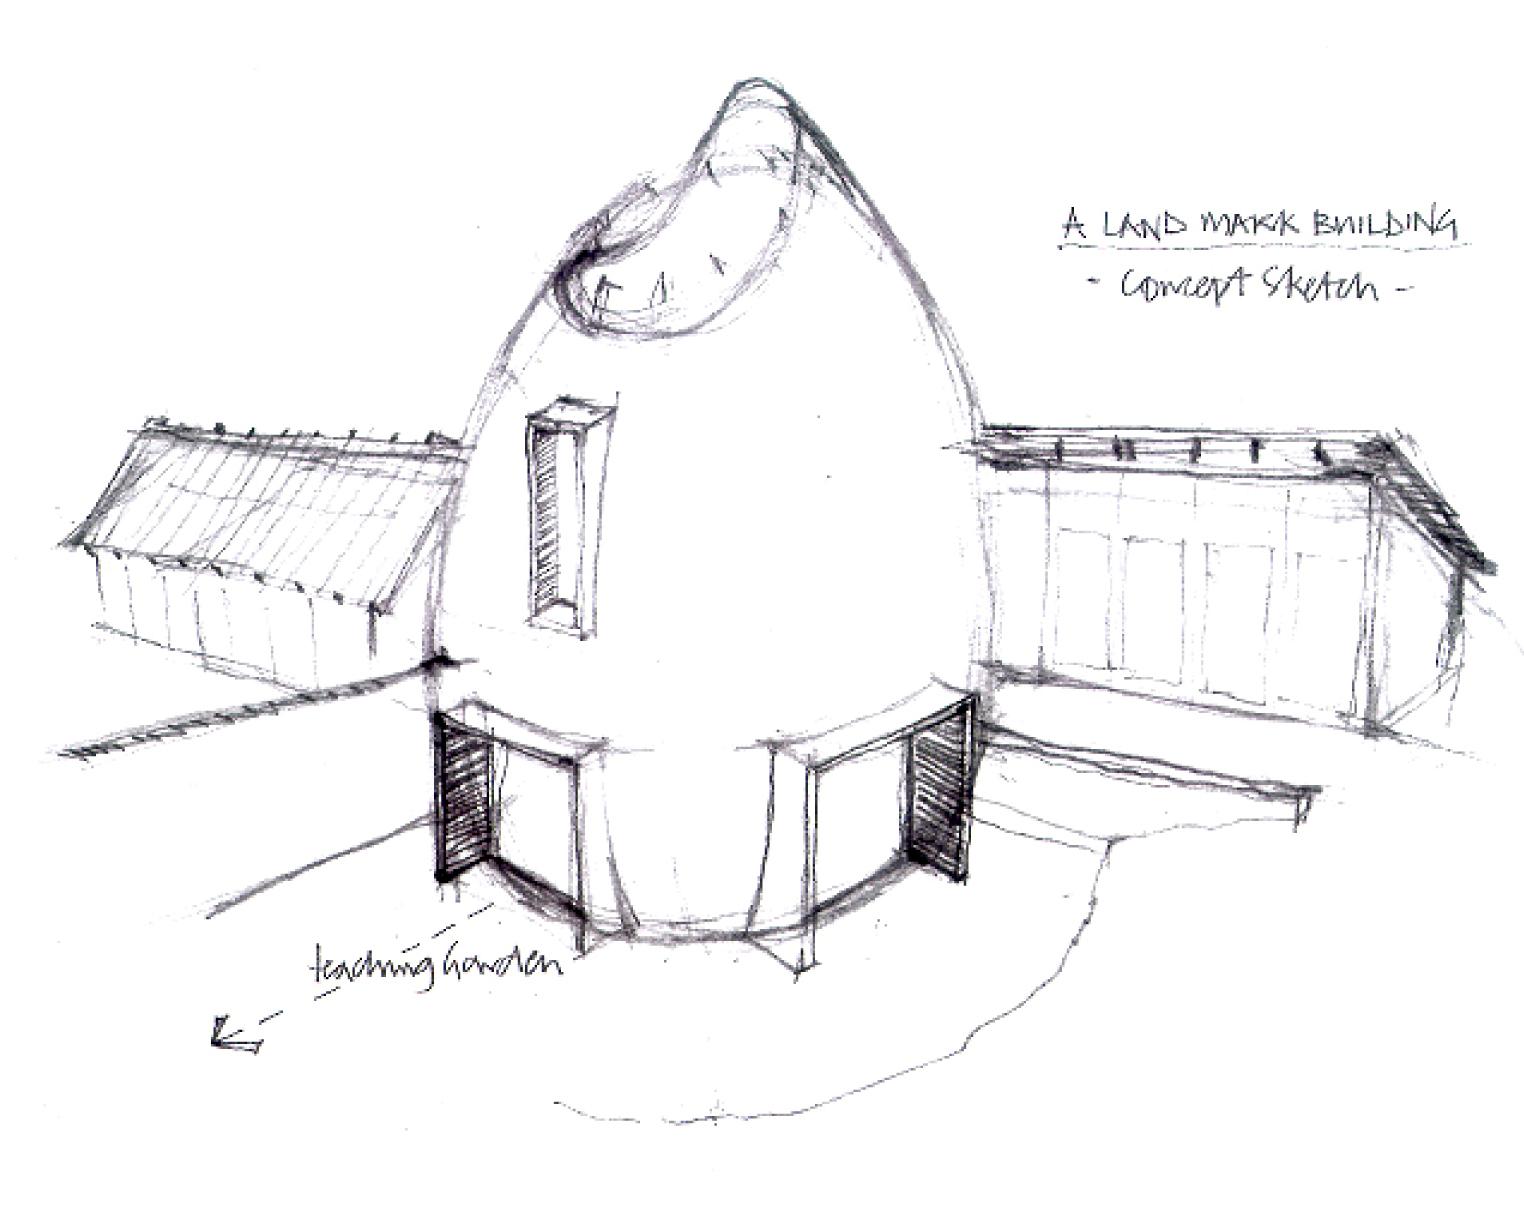 352-Concept Sketch-1